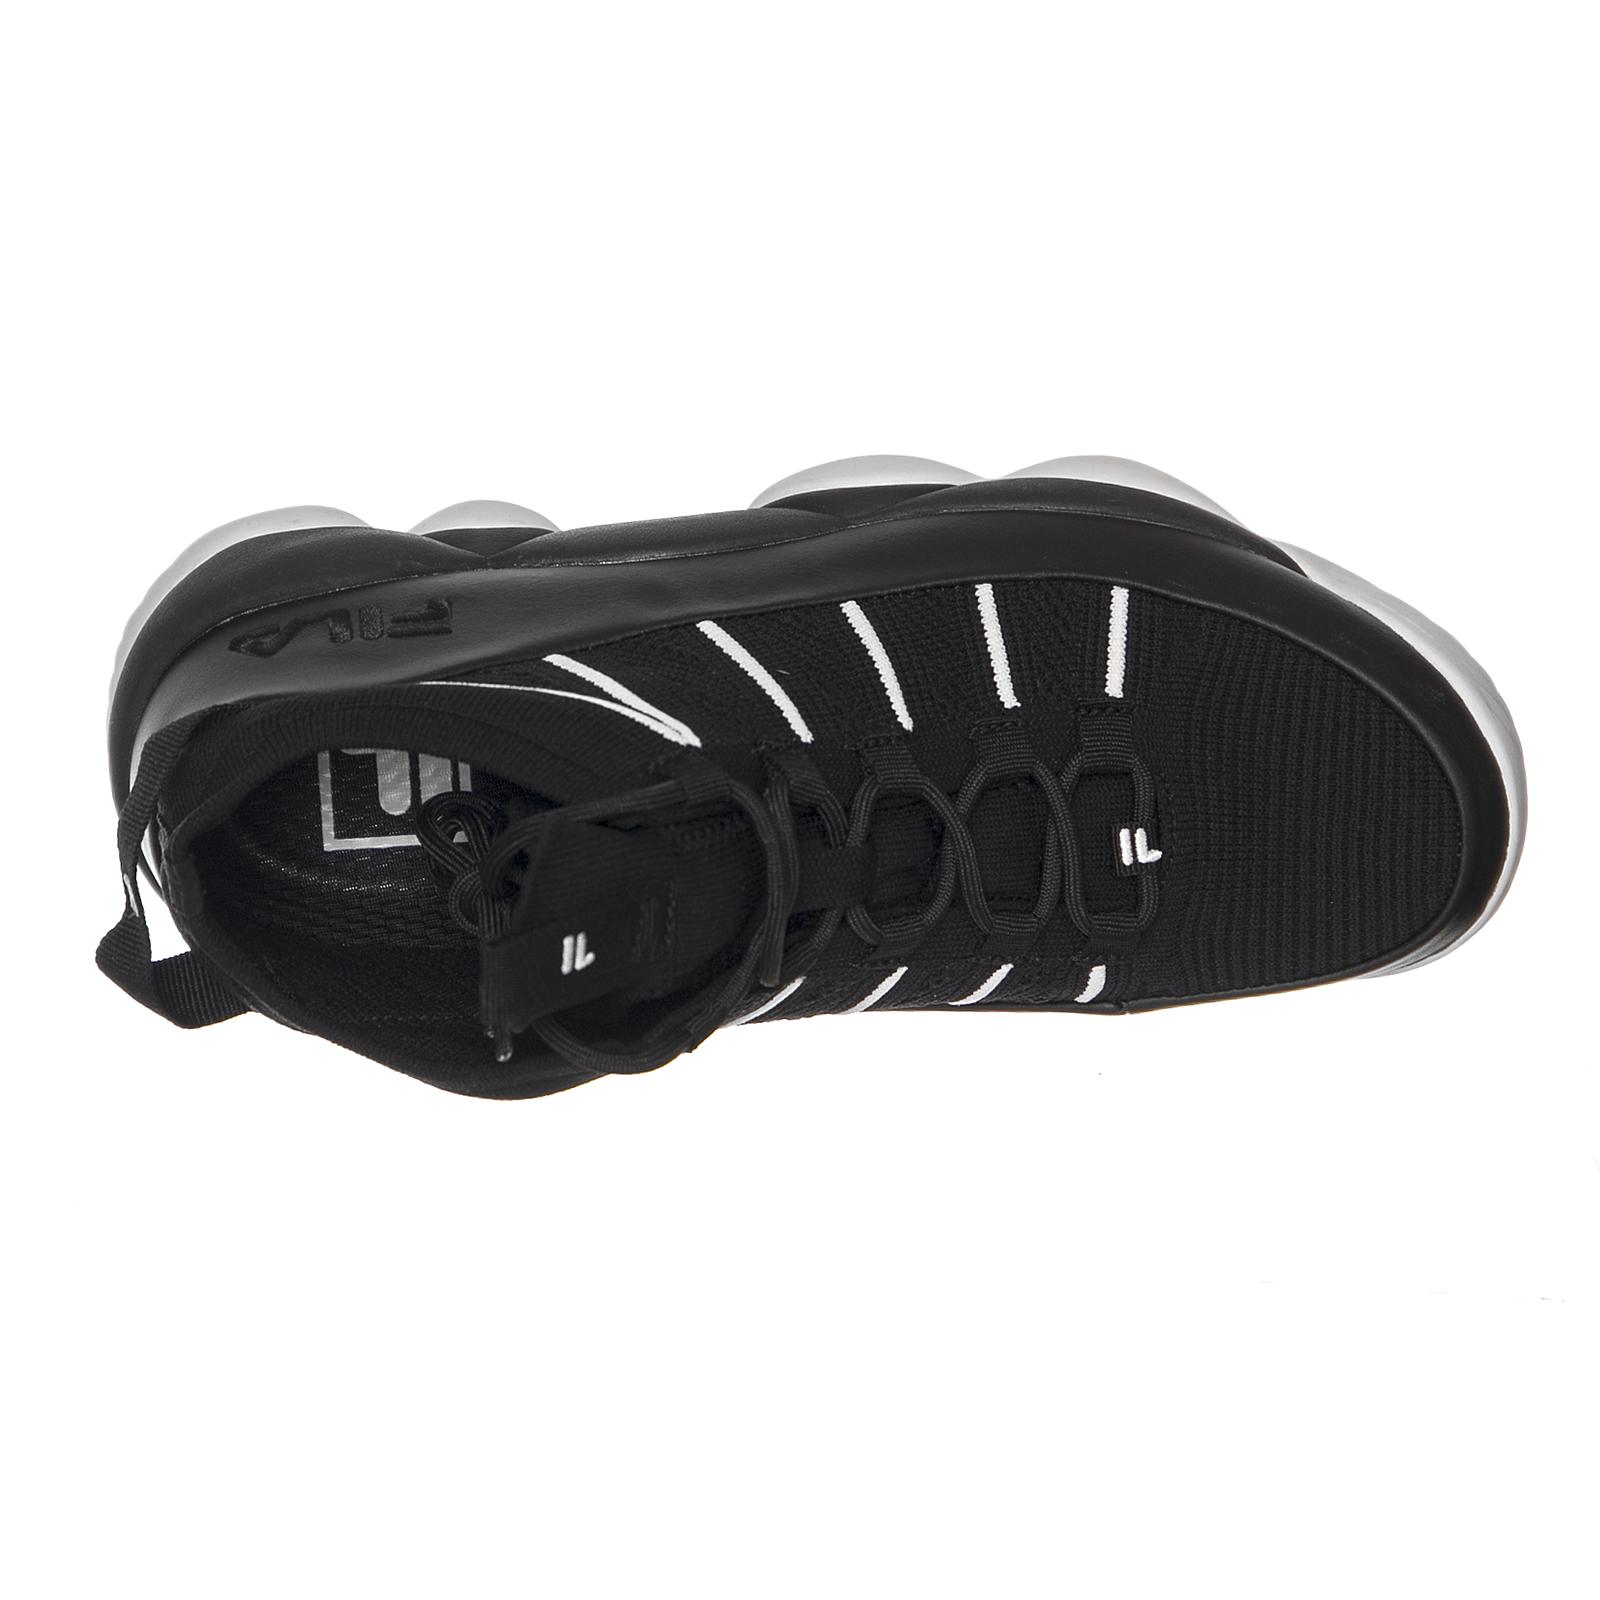 best website 0804c 81570 ... Nike Air Air Air Jordan 5 Retro White Metallic Silver 136027-130 Size  12- ...